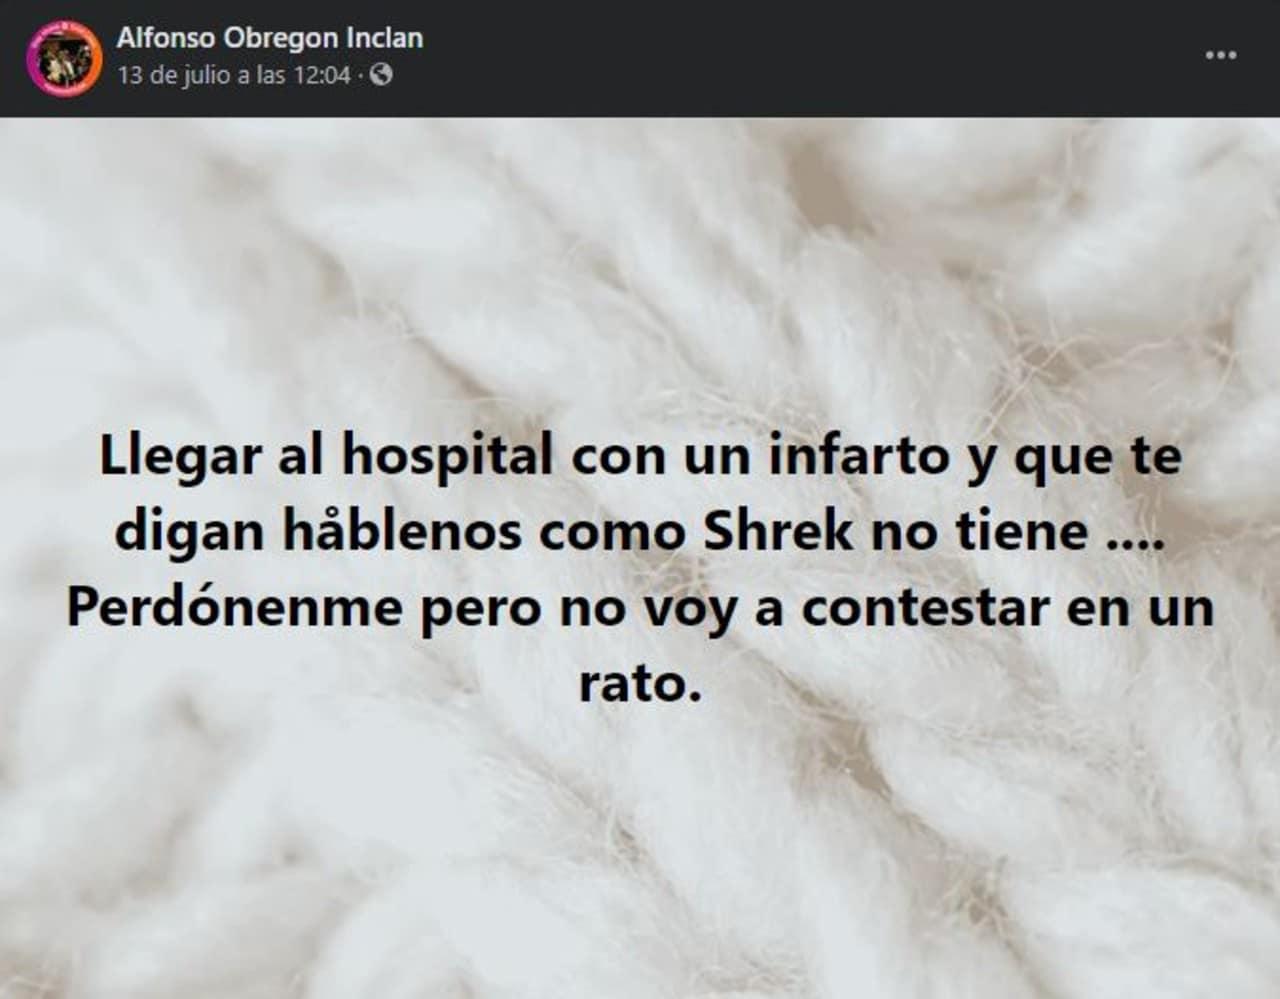 Actor de doblaje Alfonso Obregón Inclán hospitalizado por infarto